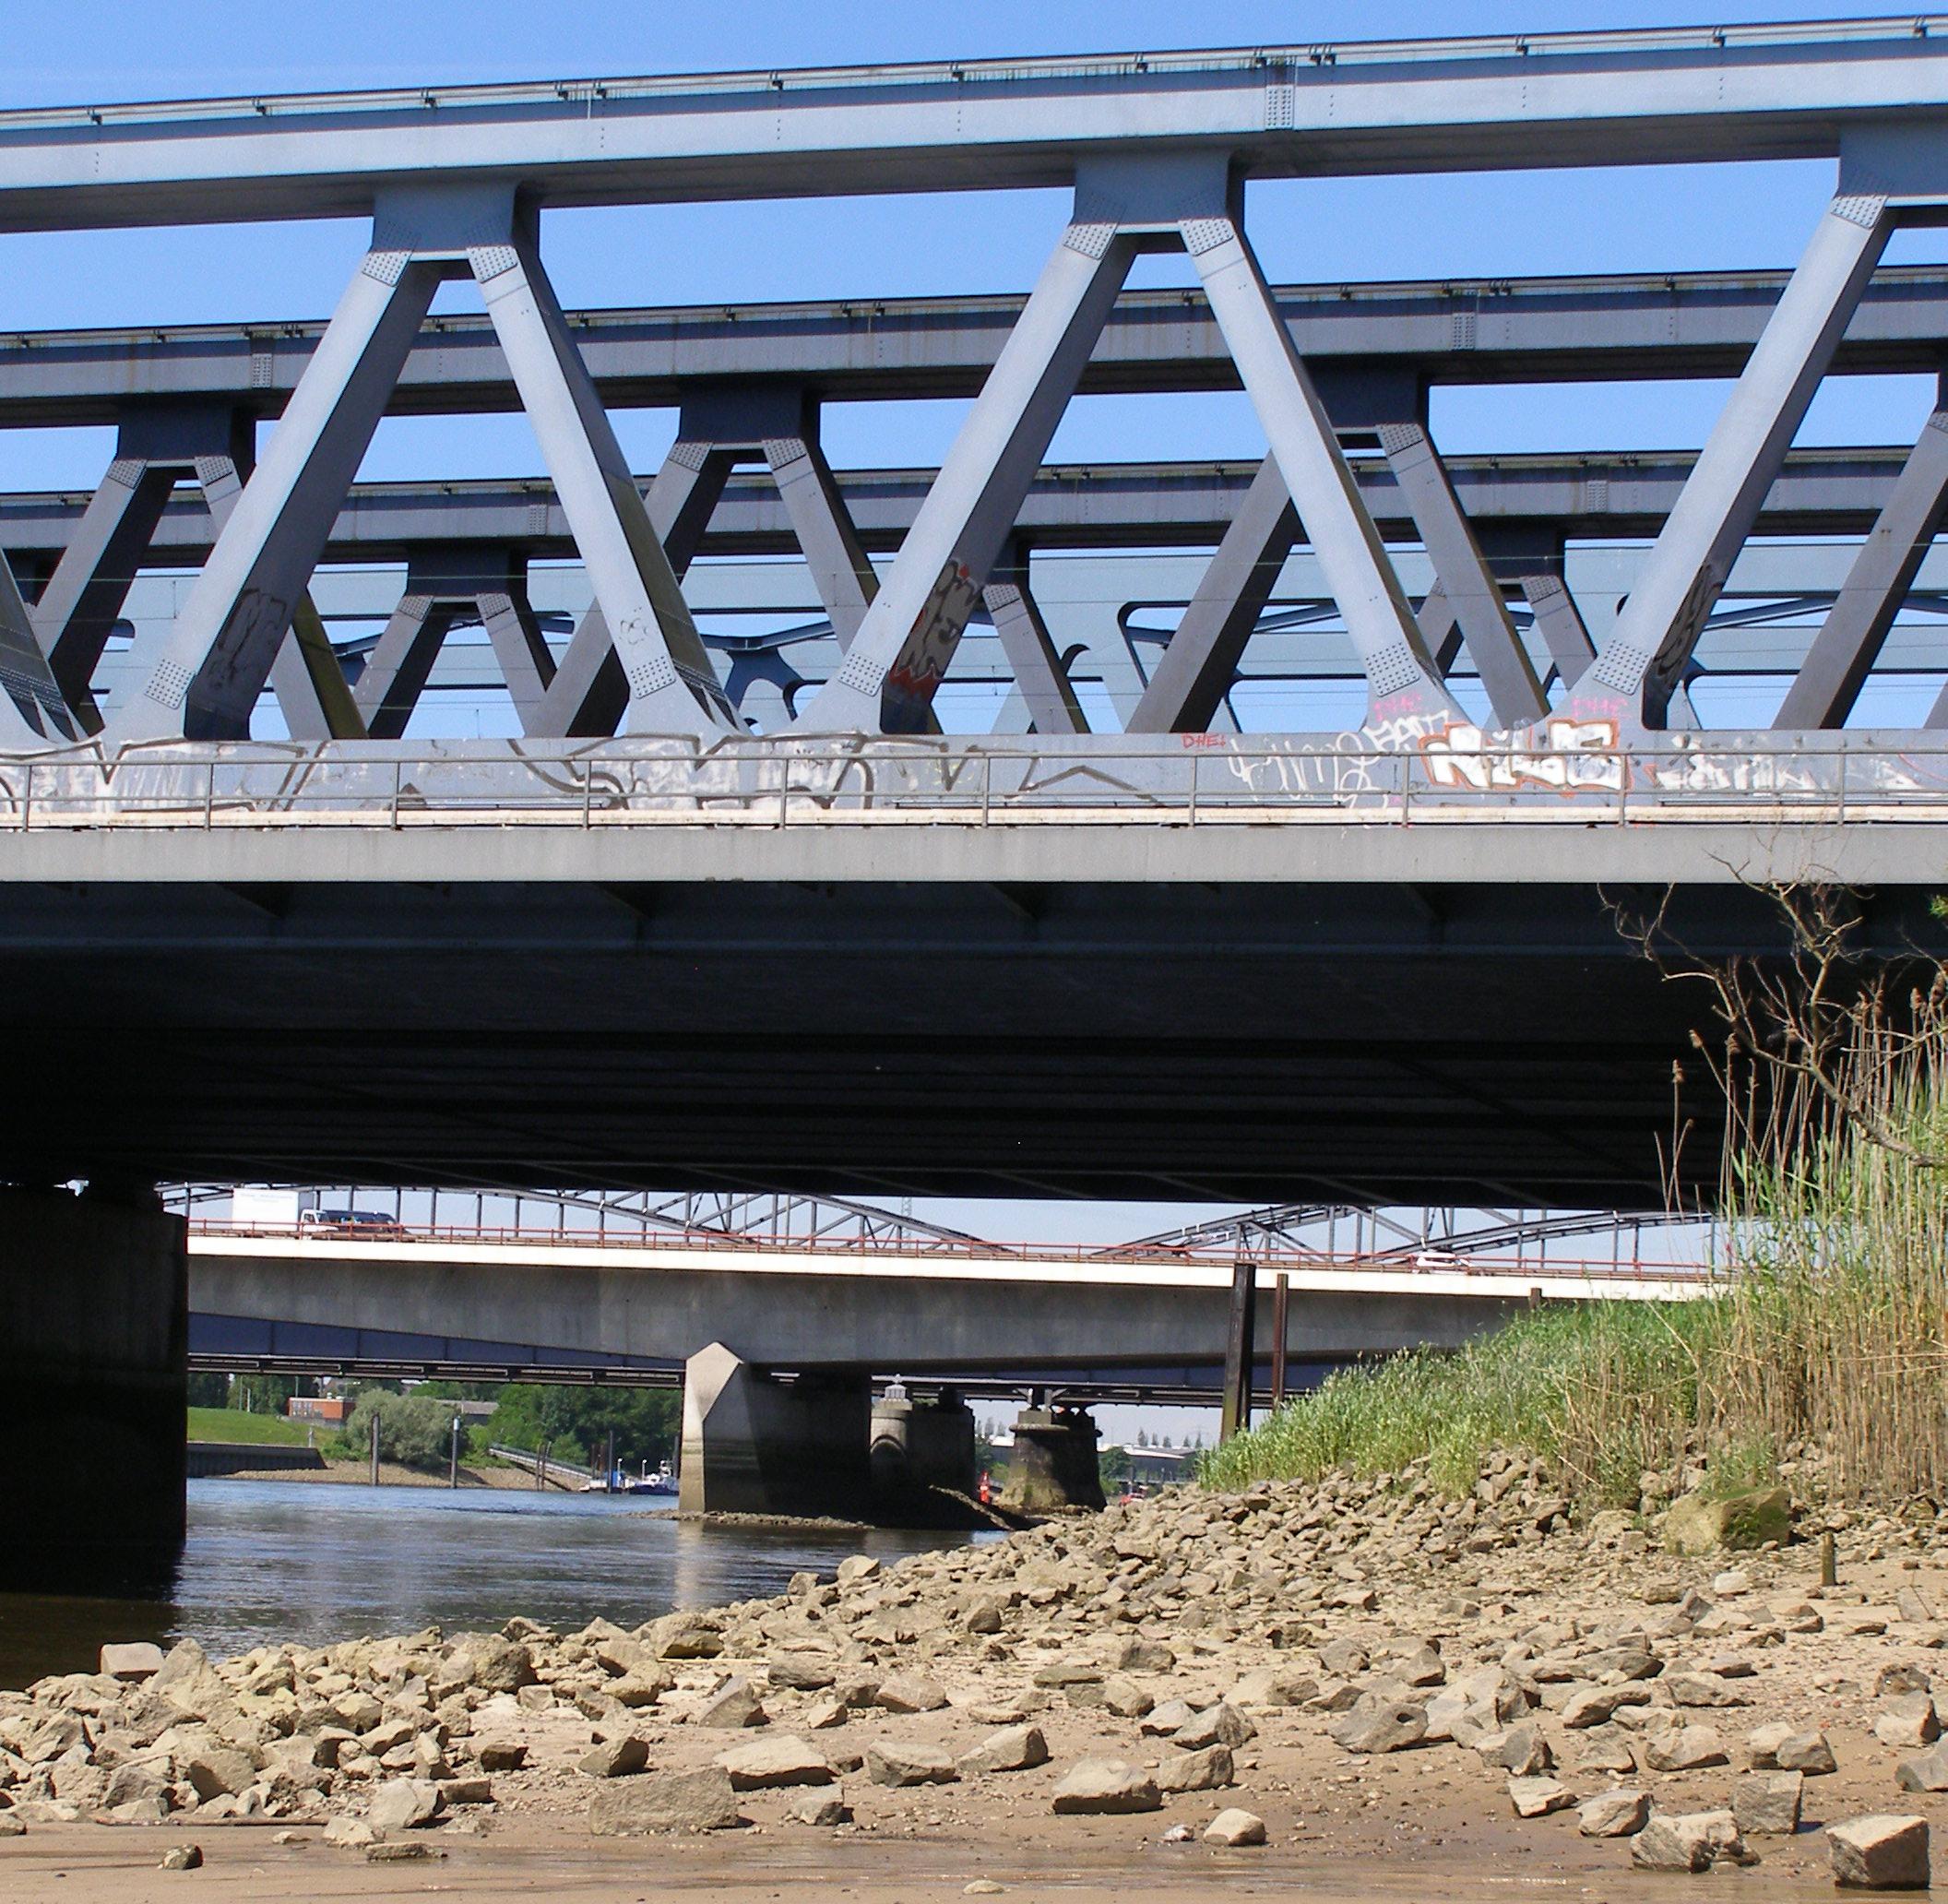 Süderelbbrücken narrow 2013-06-07.jpg